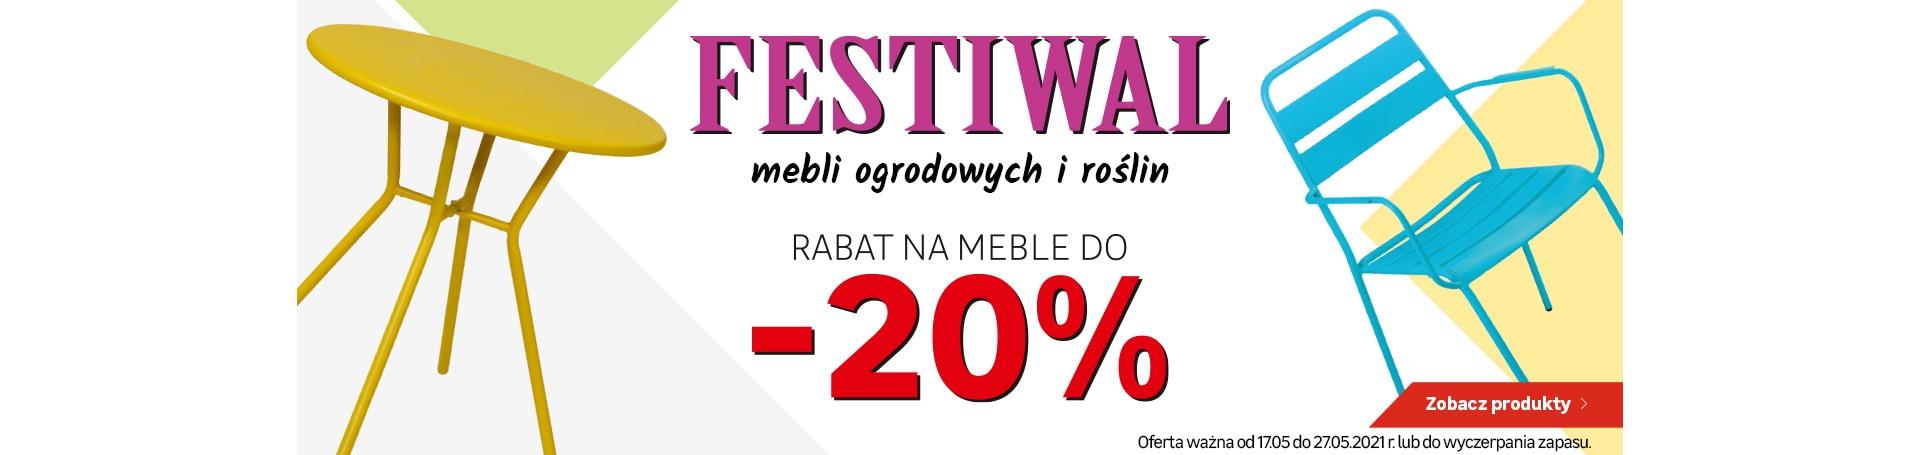 rr-FESTIWAL-MEBLI-17-27.05.2021-1920x455